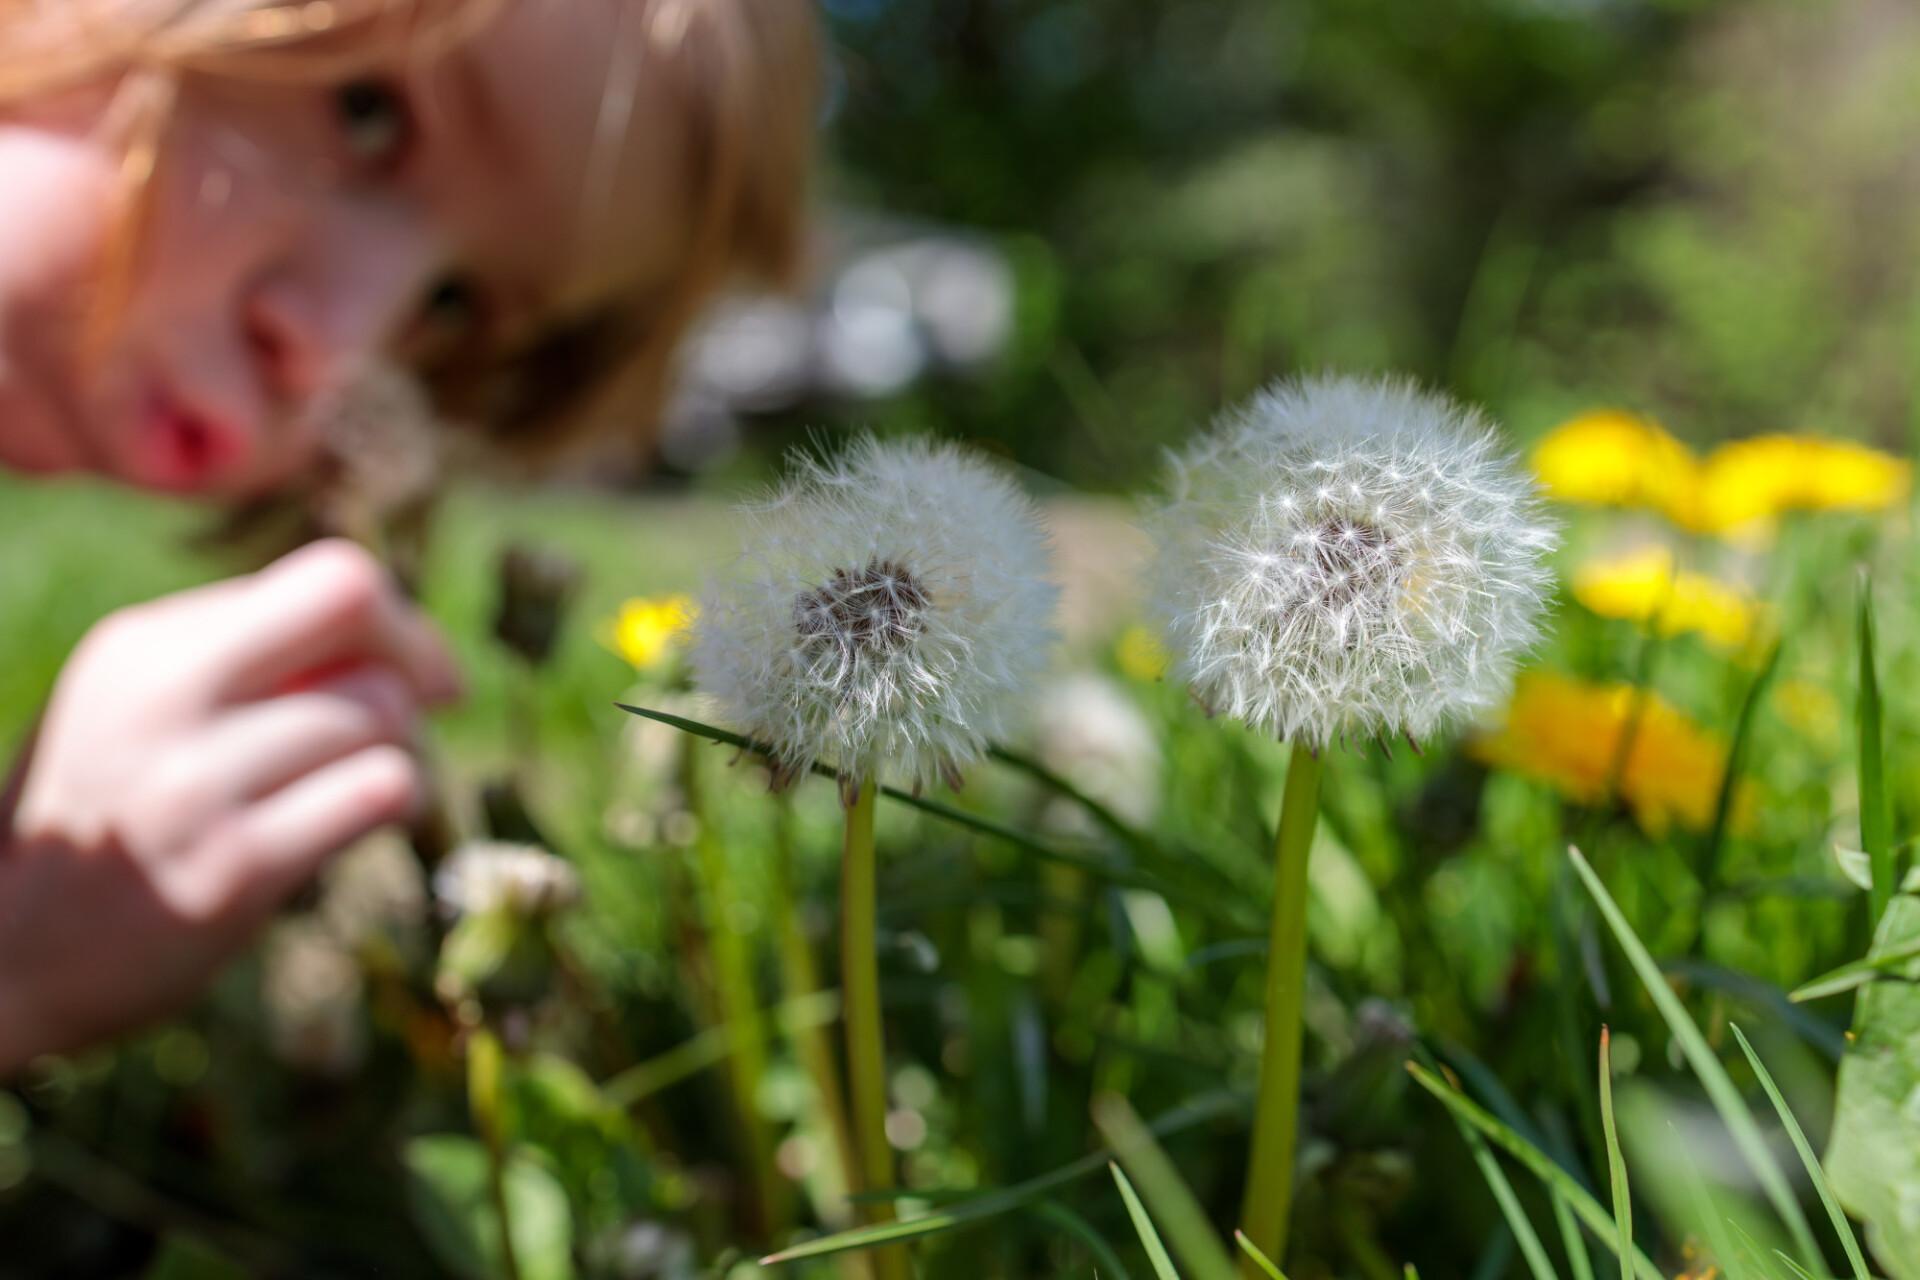 Children love dandelions